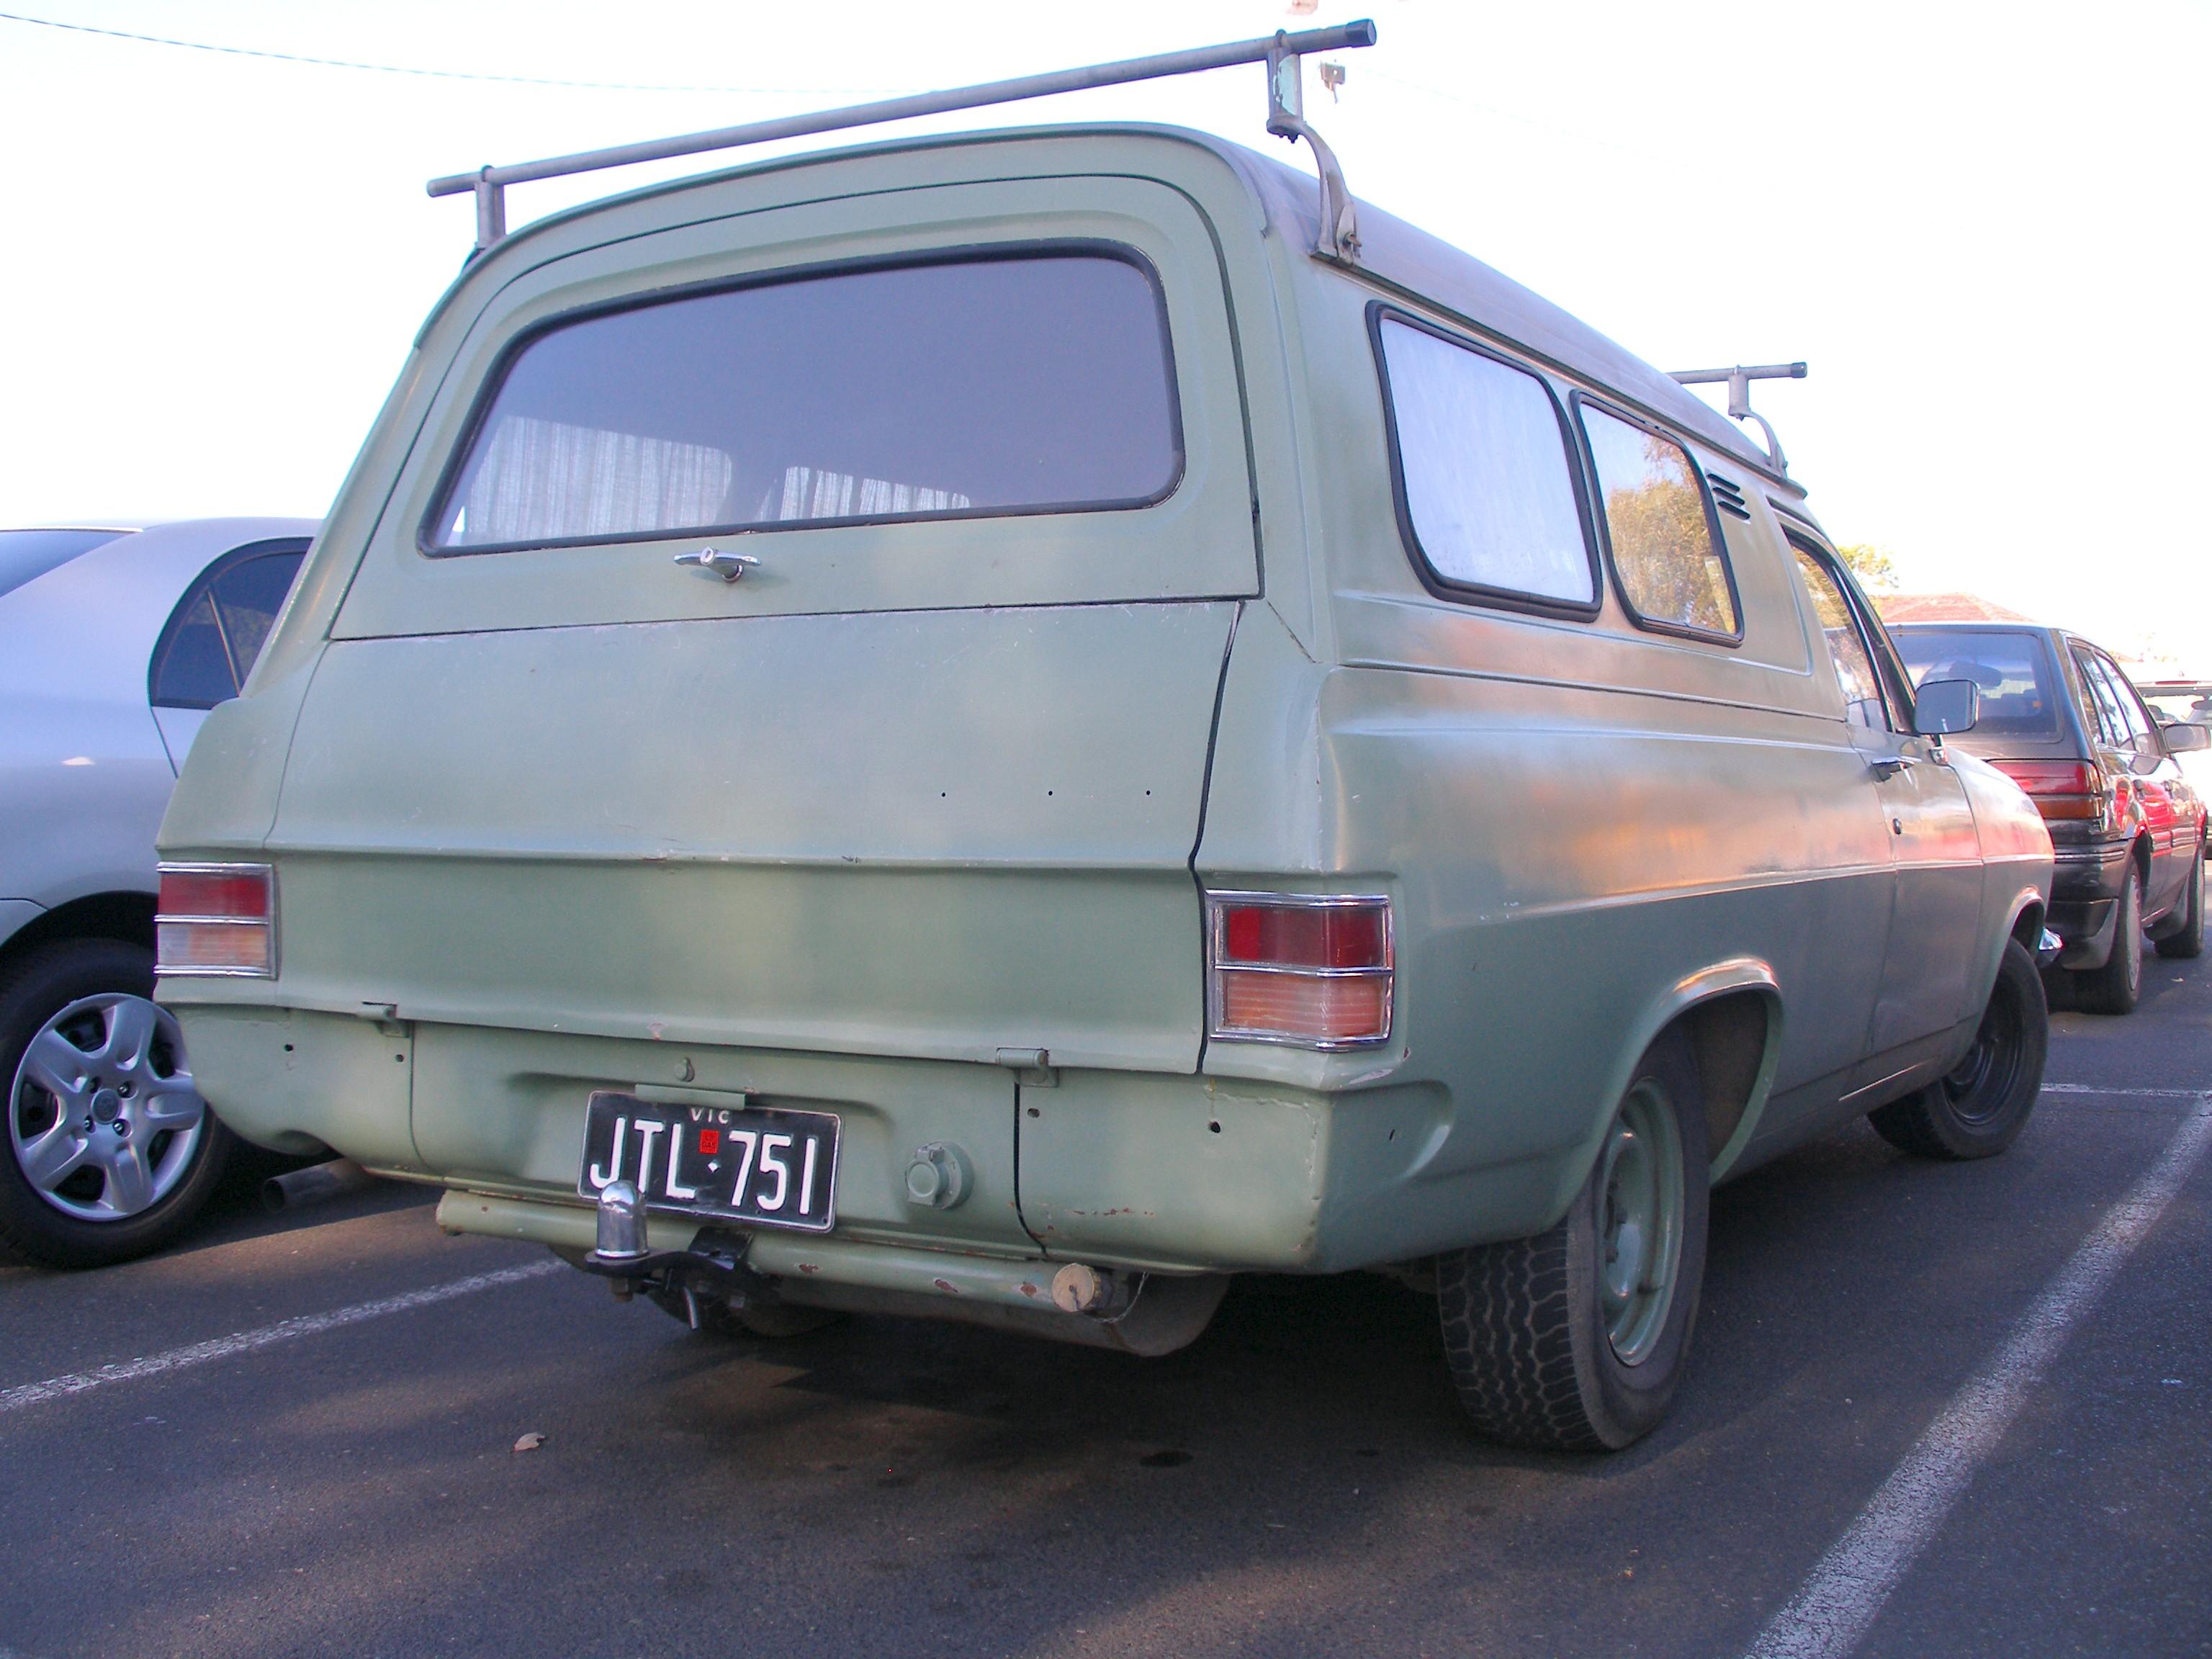 Holden Hr Wikipedia Vz Sv6 Belt Diagram Helpimg0807jpg Panel Van